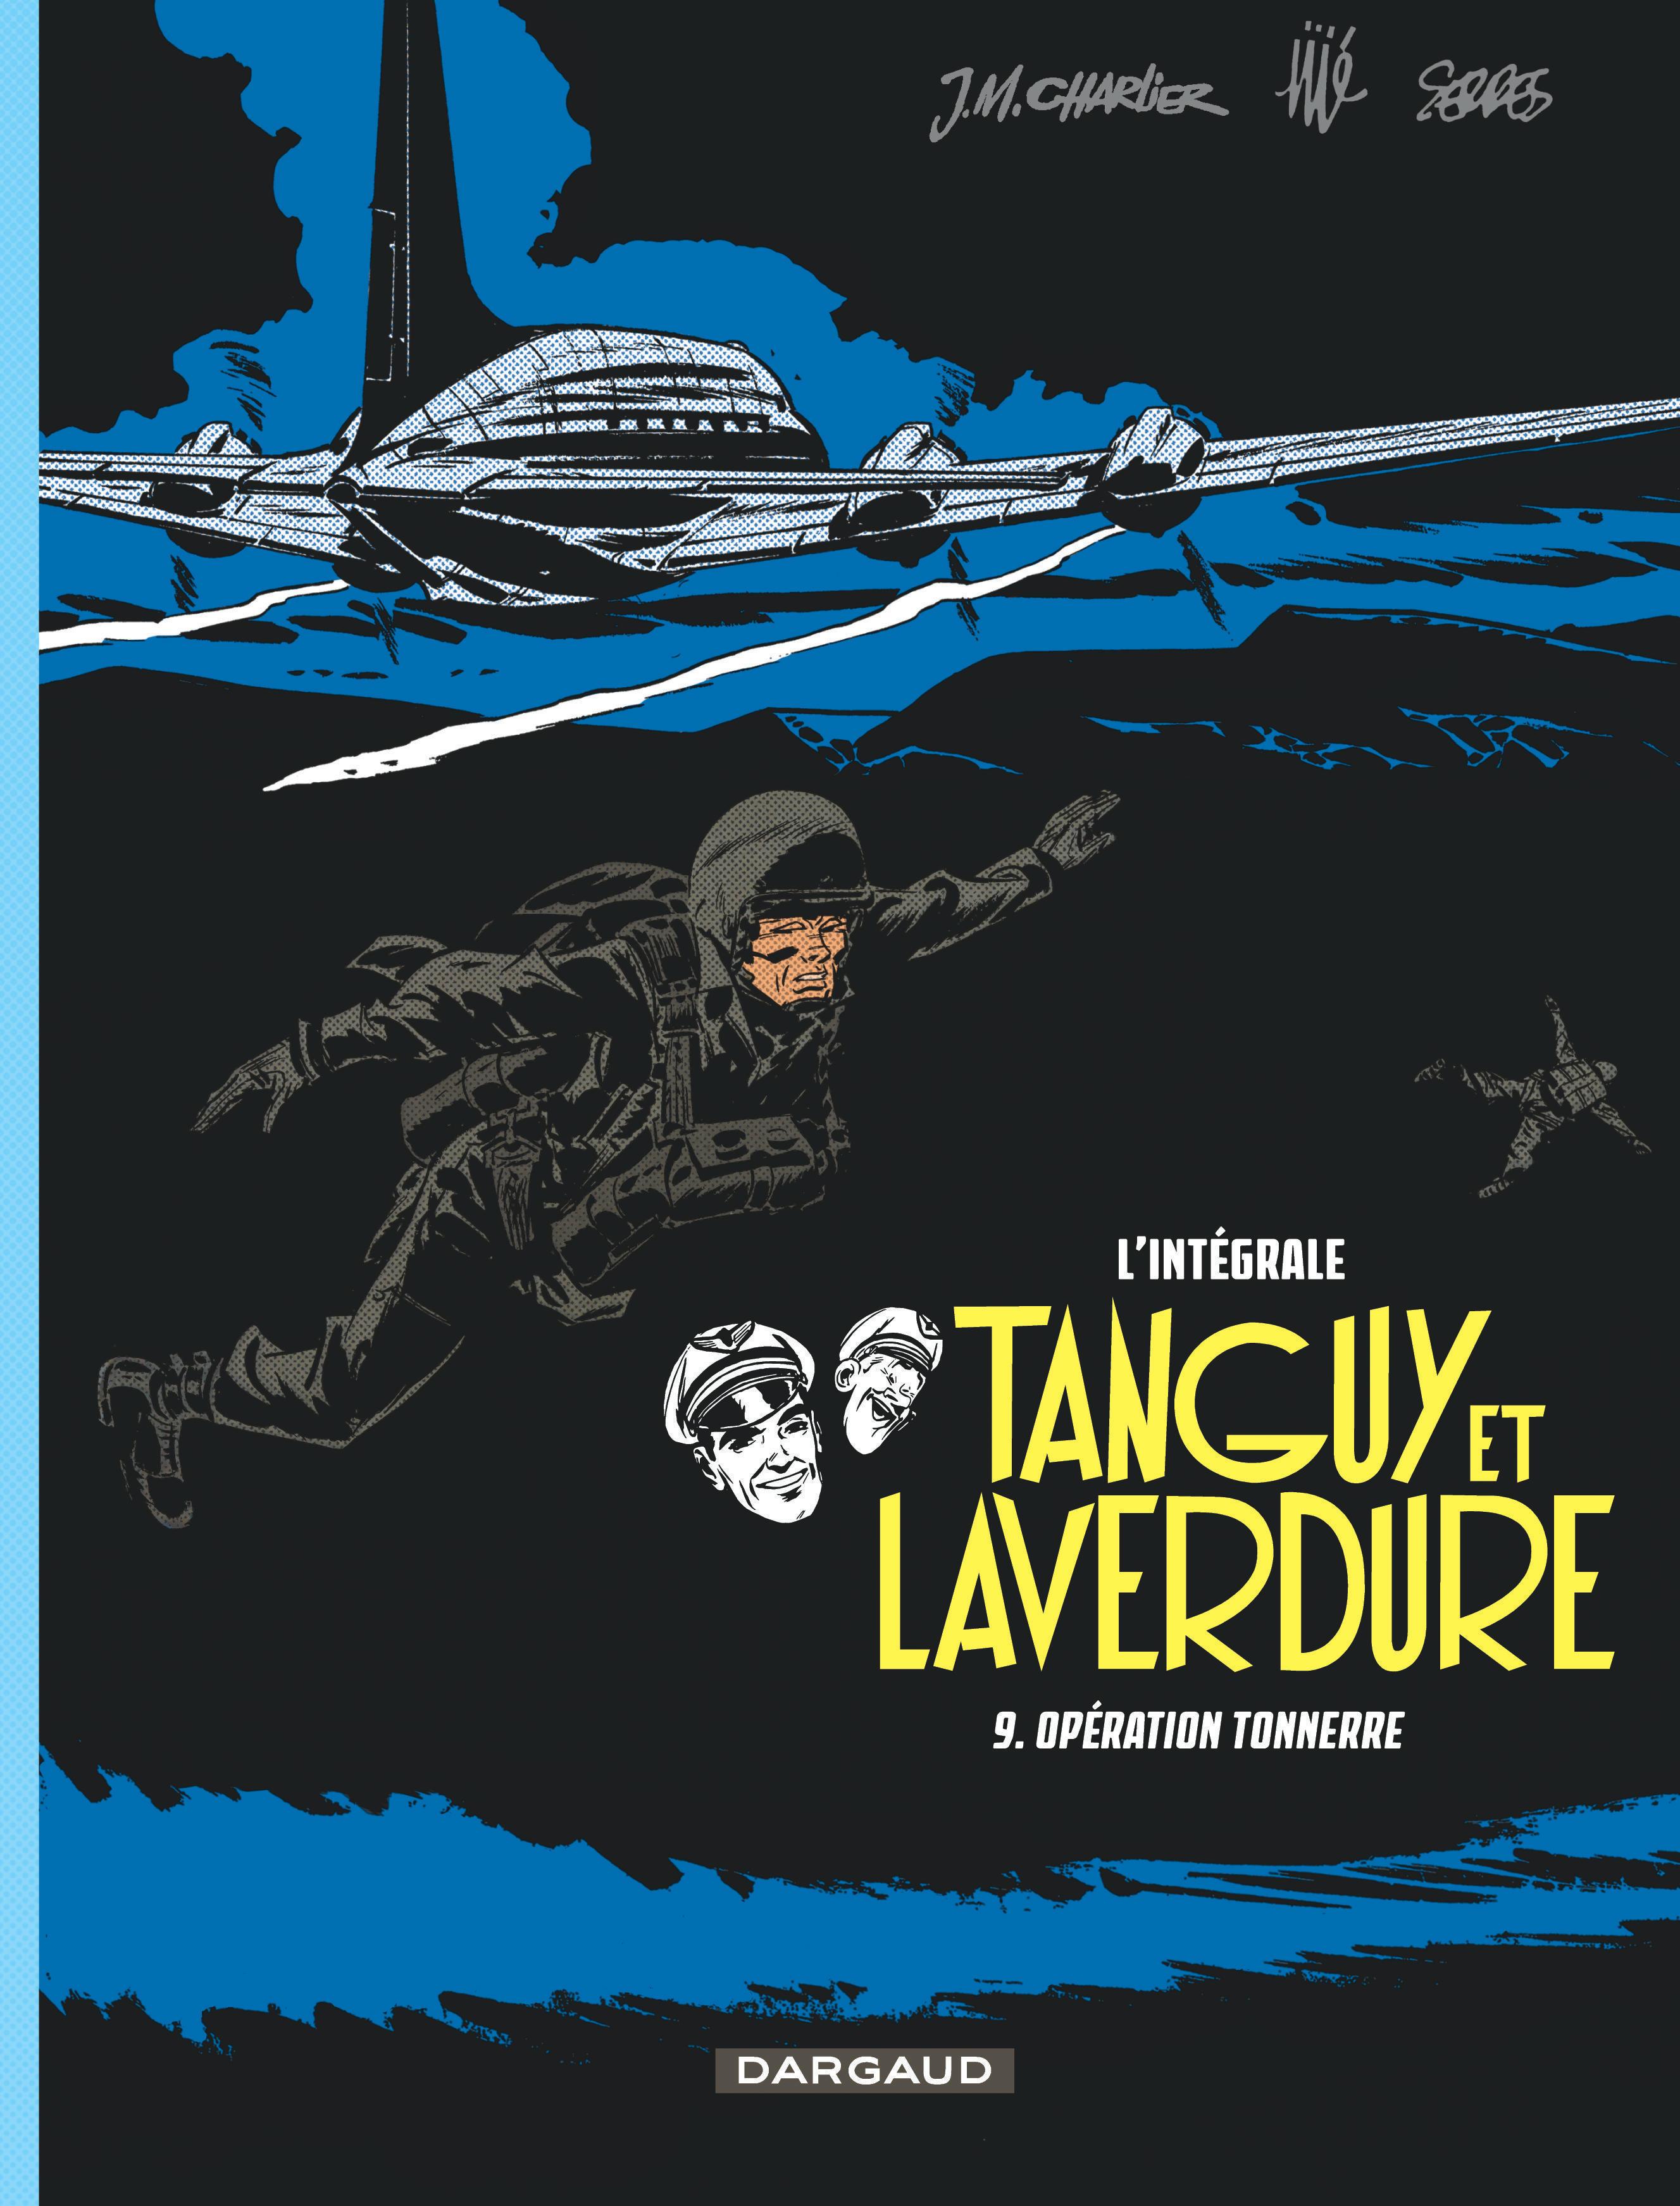 TANGUY ET LAVERDURE (INTEGRALE - T9 - OPERATION TONNERRE